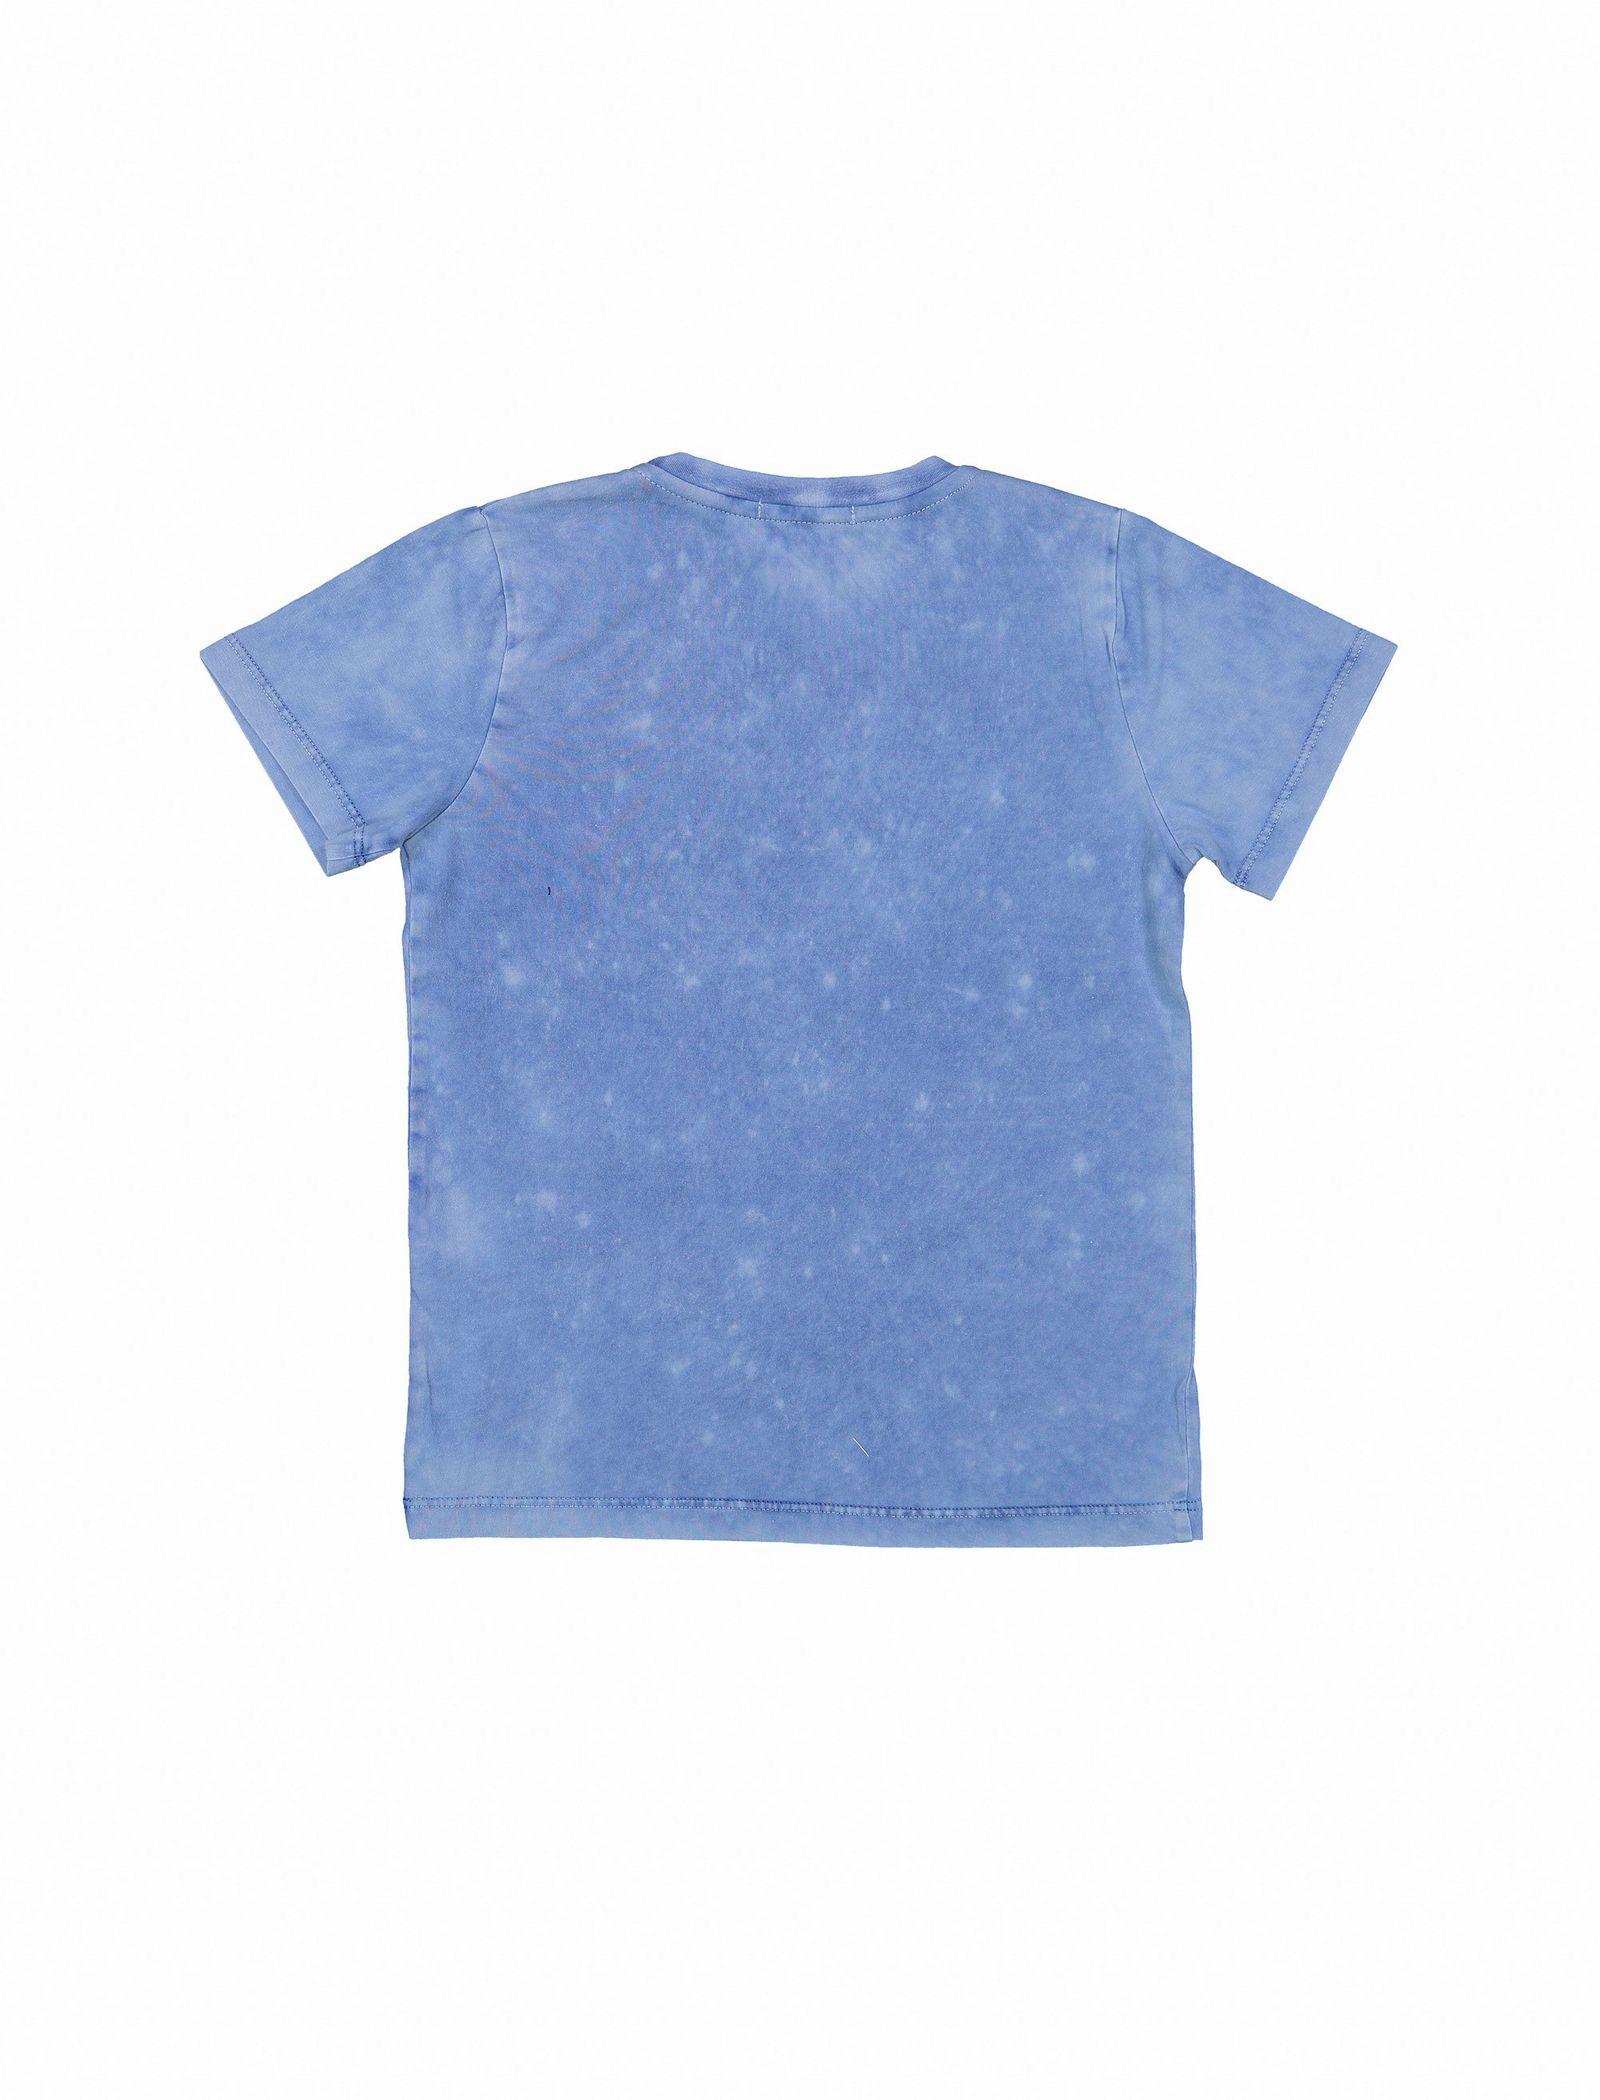 تی شرت و شلوارک نخی پسرانه - پیانو - آبي - 3